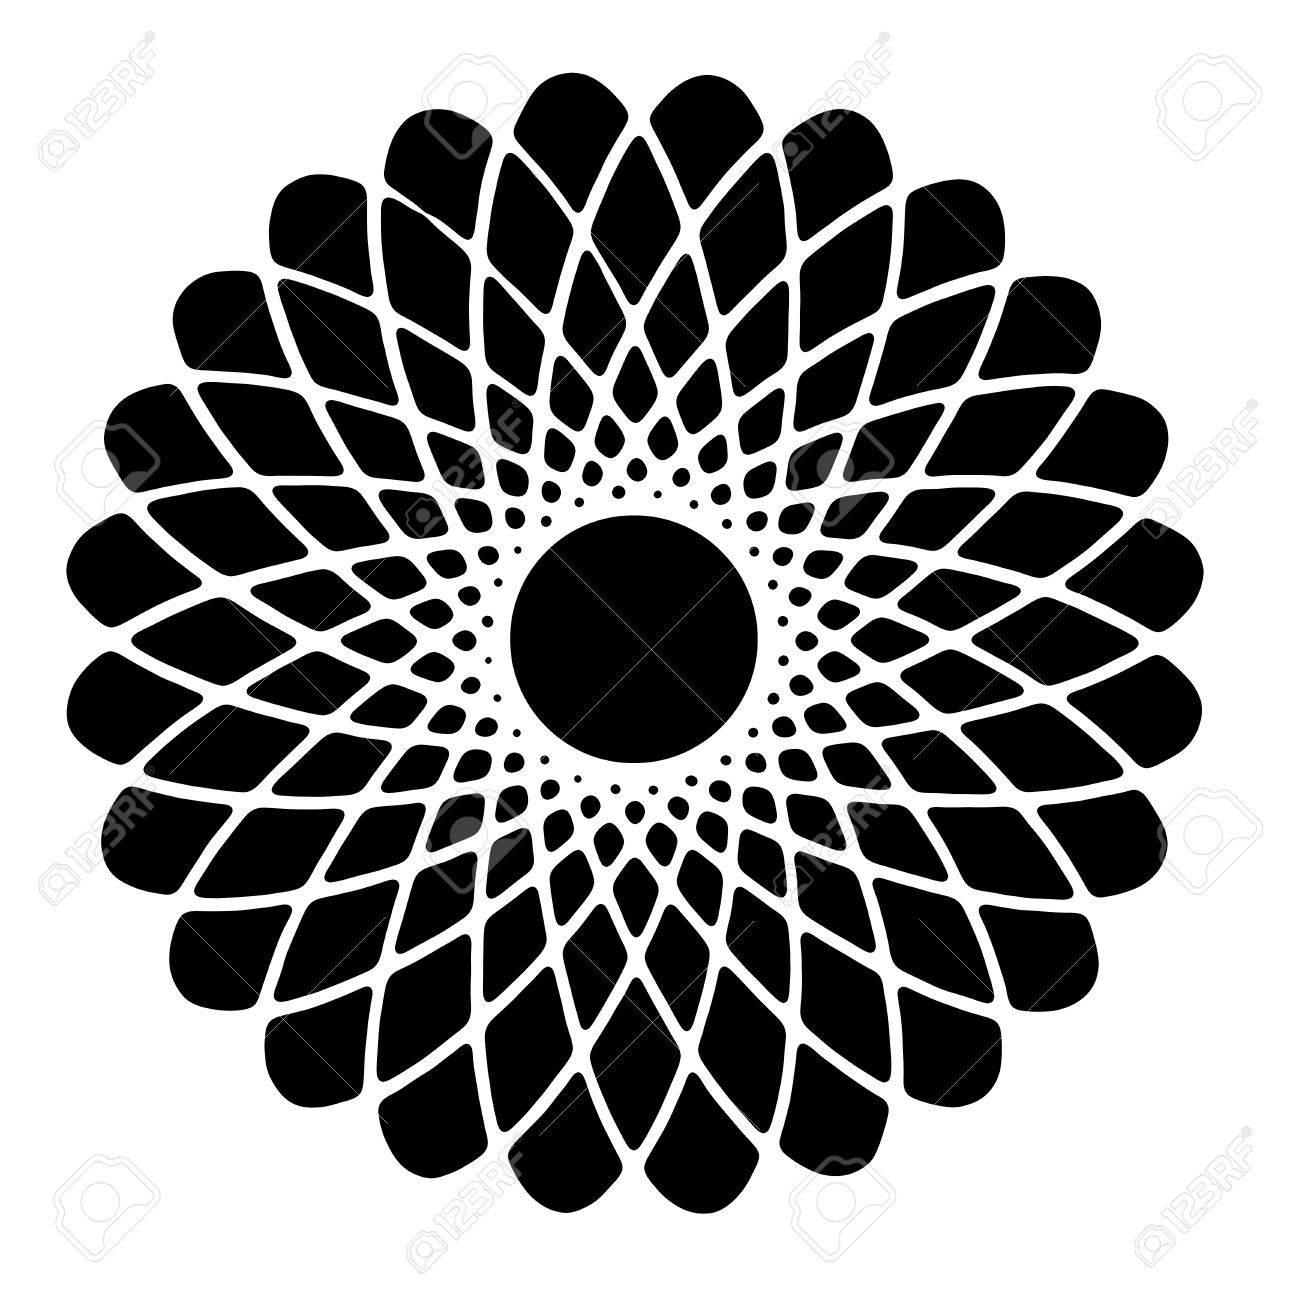 Image De Dessin A La Main Et Le Cercle Numerique Avec L Illusion De